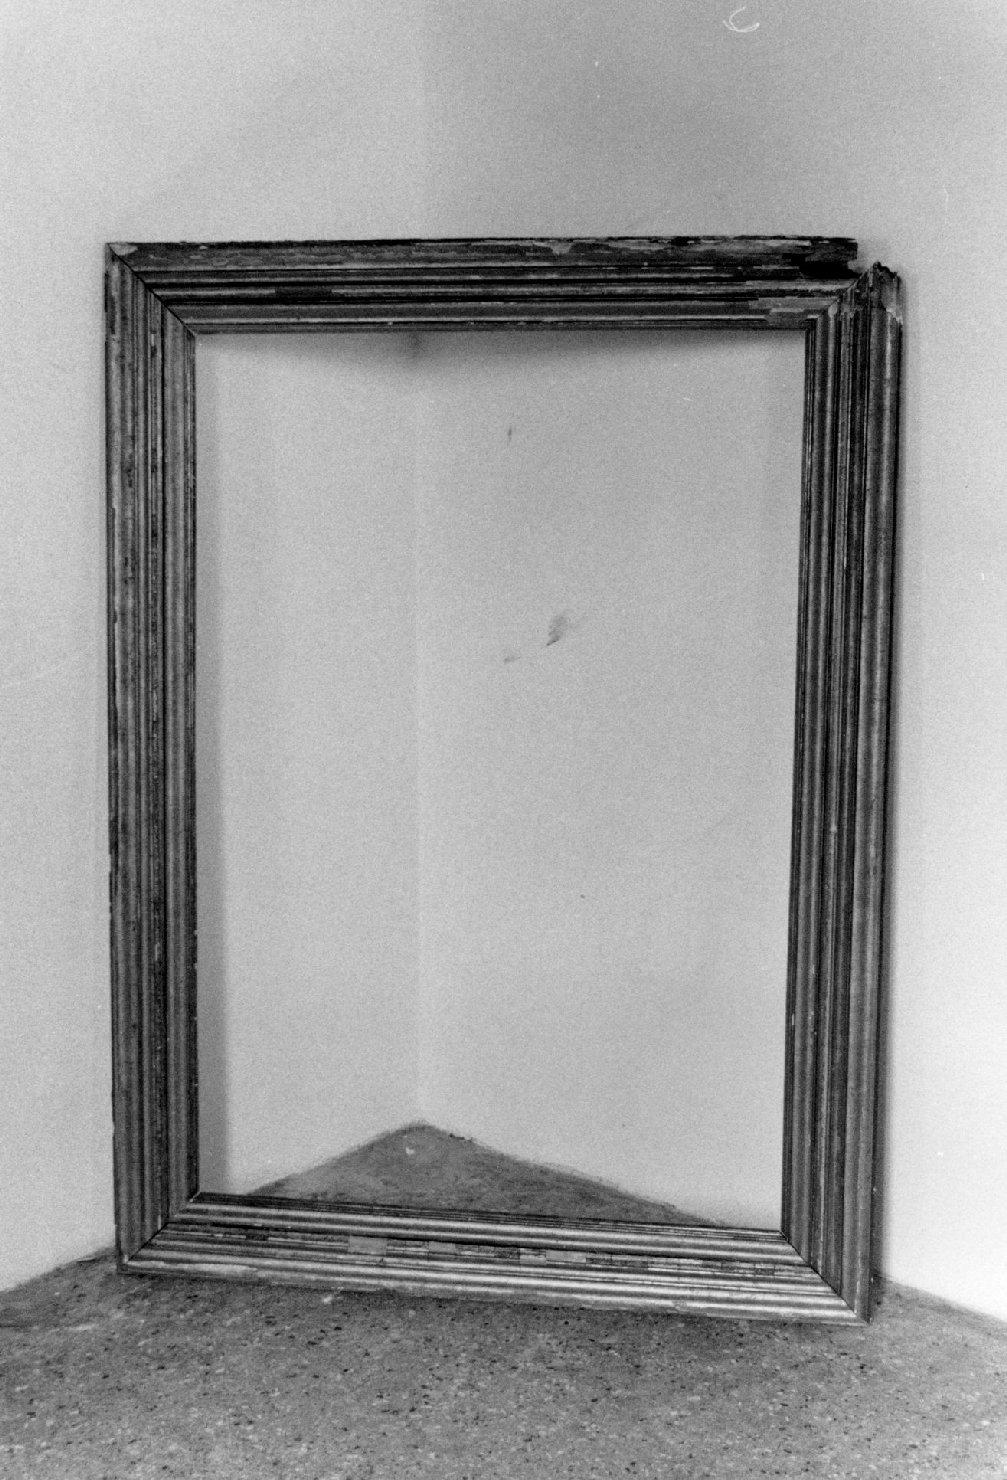 specchiera, opera isolata - ambito italiano (prima metà sec. XIX)